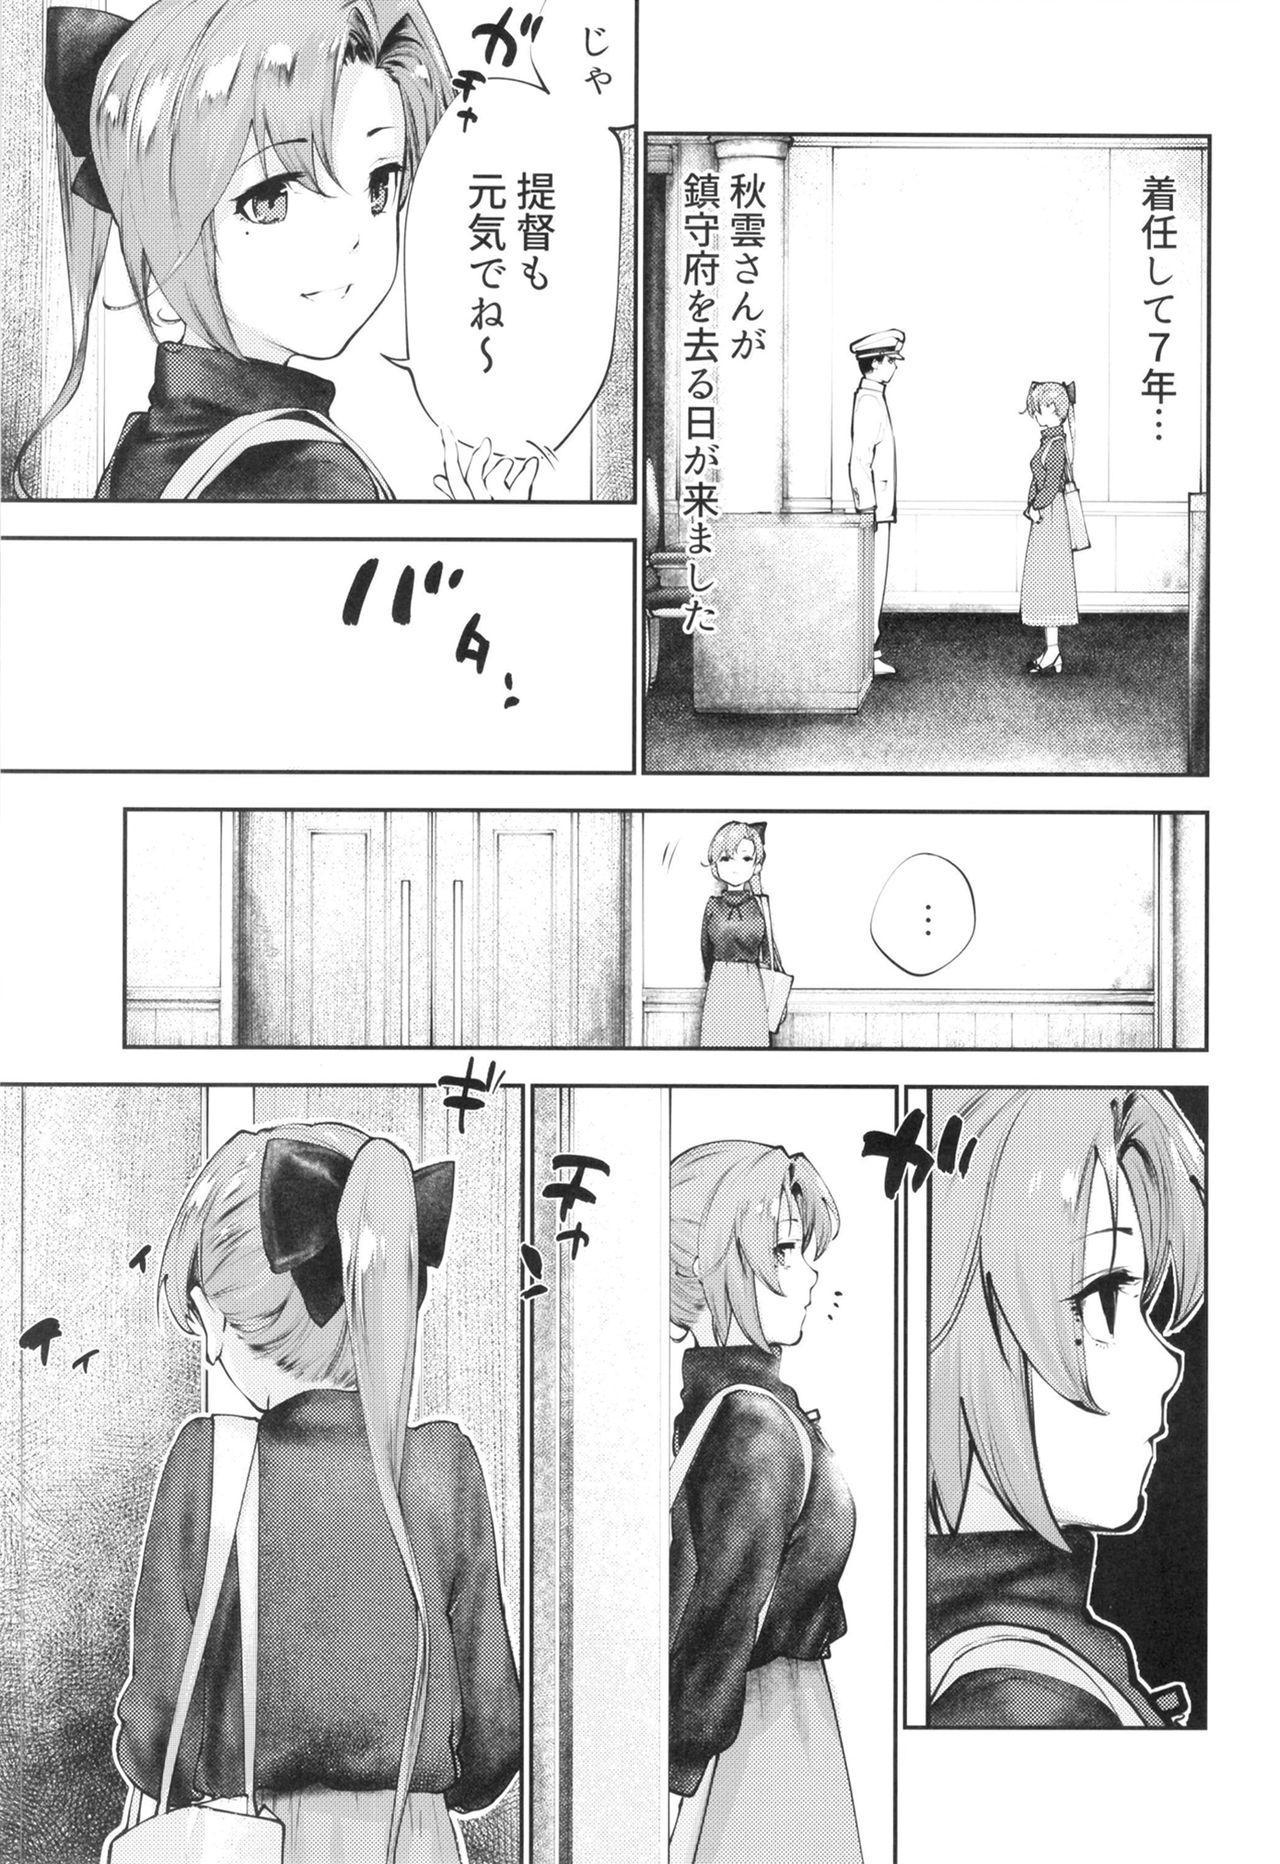 [kitsunenotera (bouko)] Kou demo Shinakya Akigumo-san 25-sai ga Teitoku to Hameru Kikai Isshou Konai desho (Kantai Collection -KanColle-) [Digital] 2